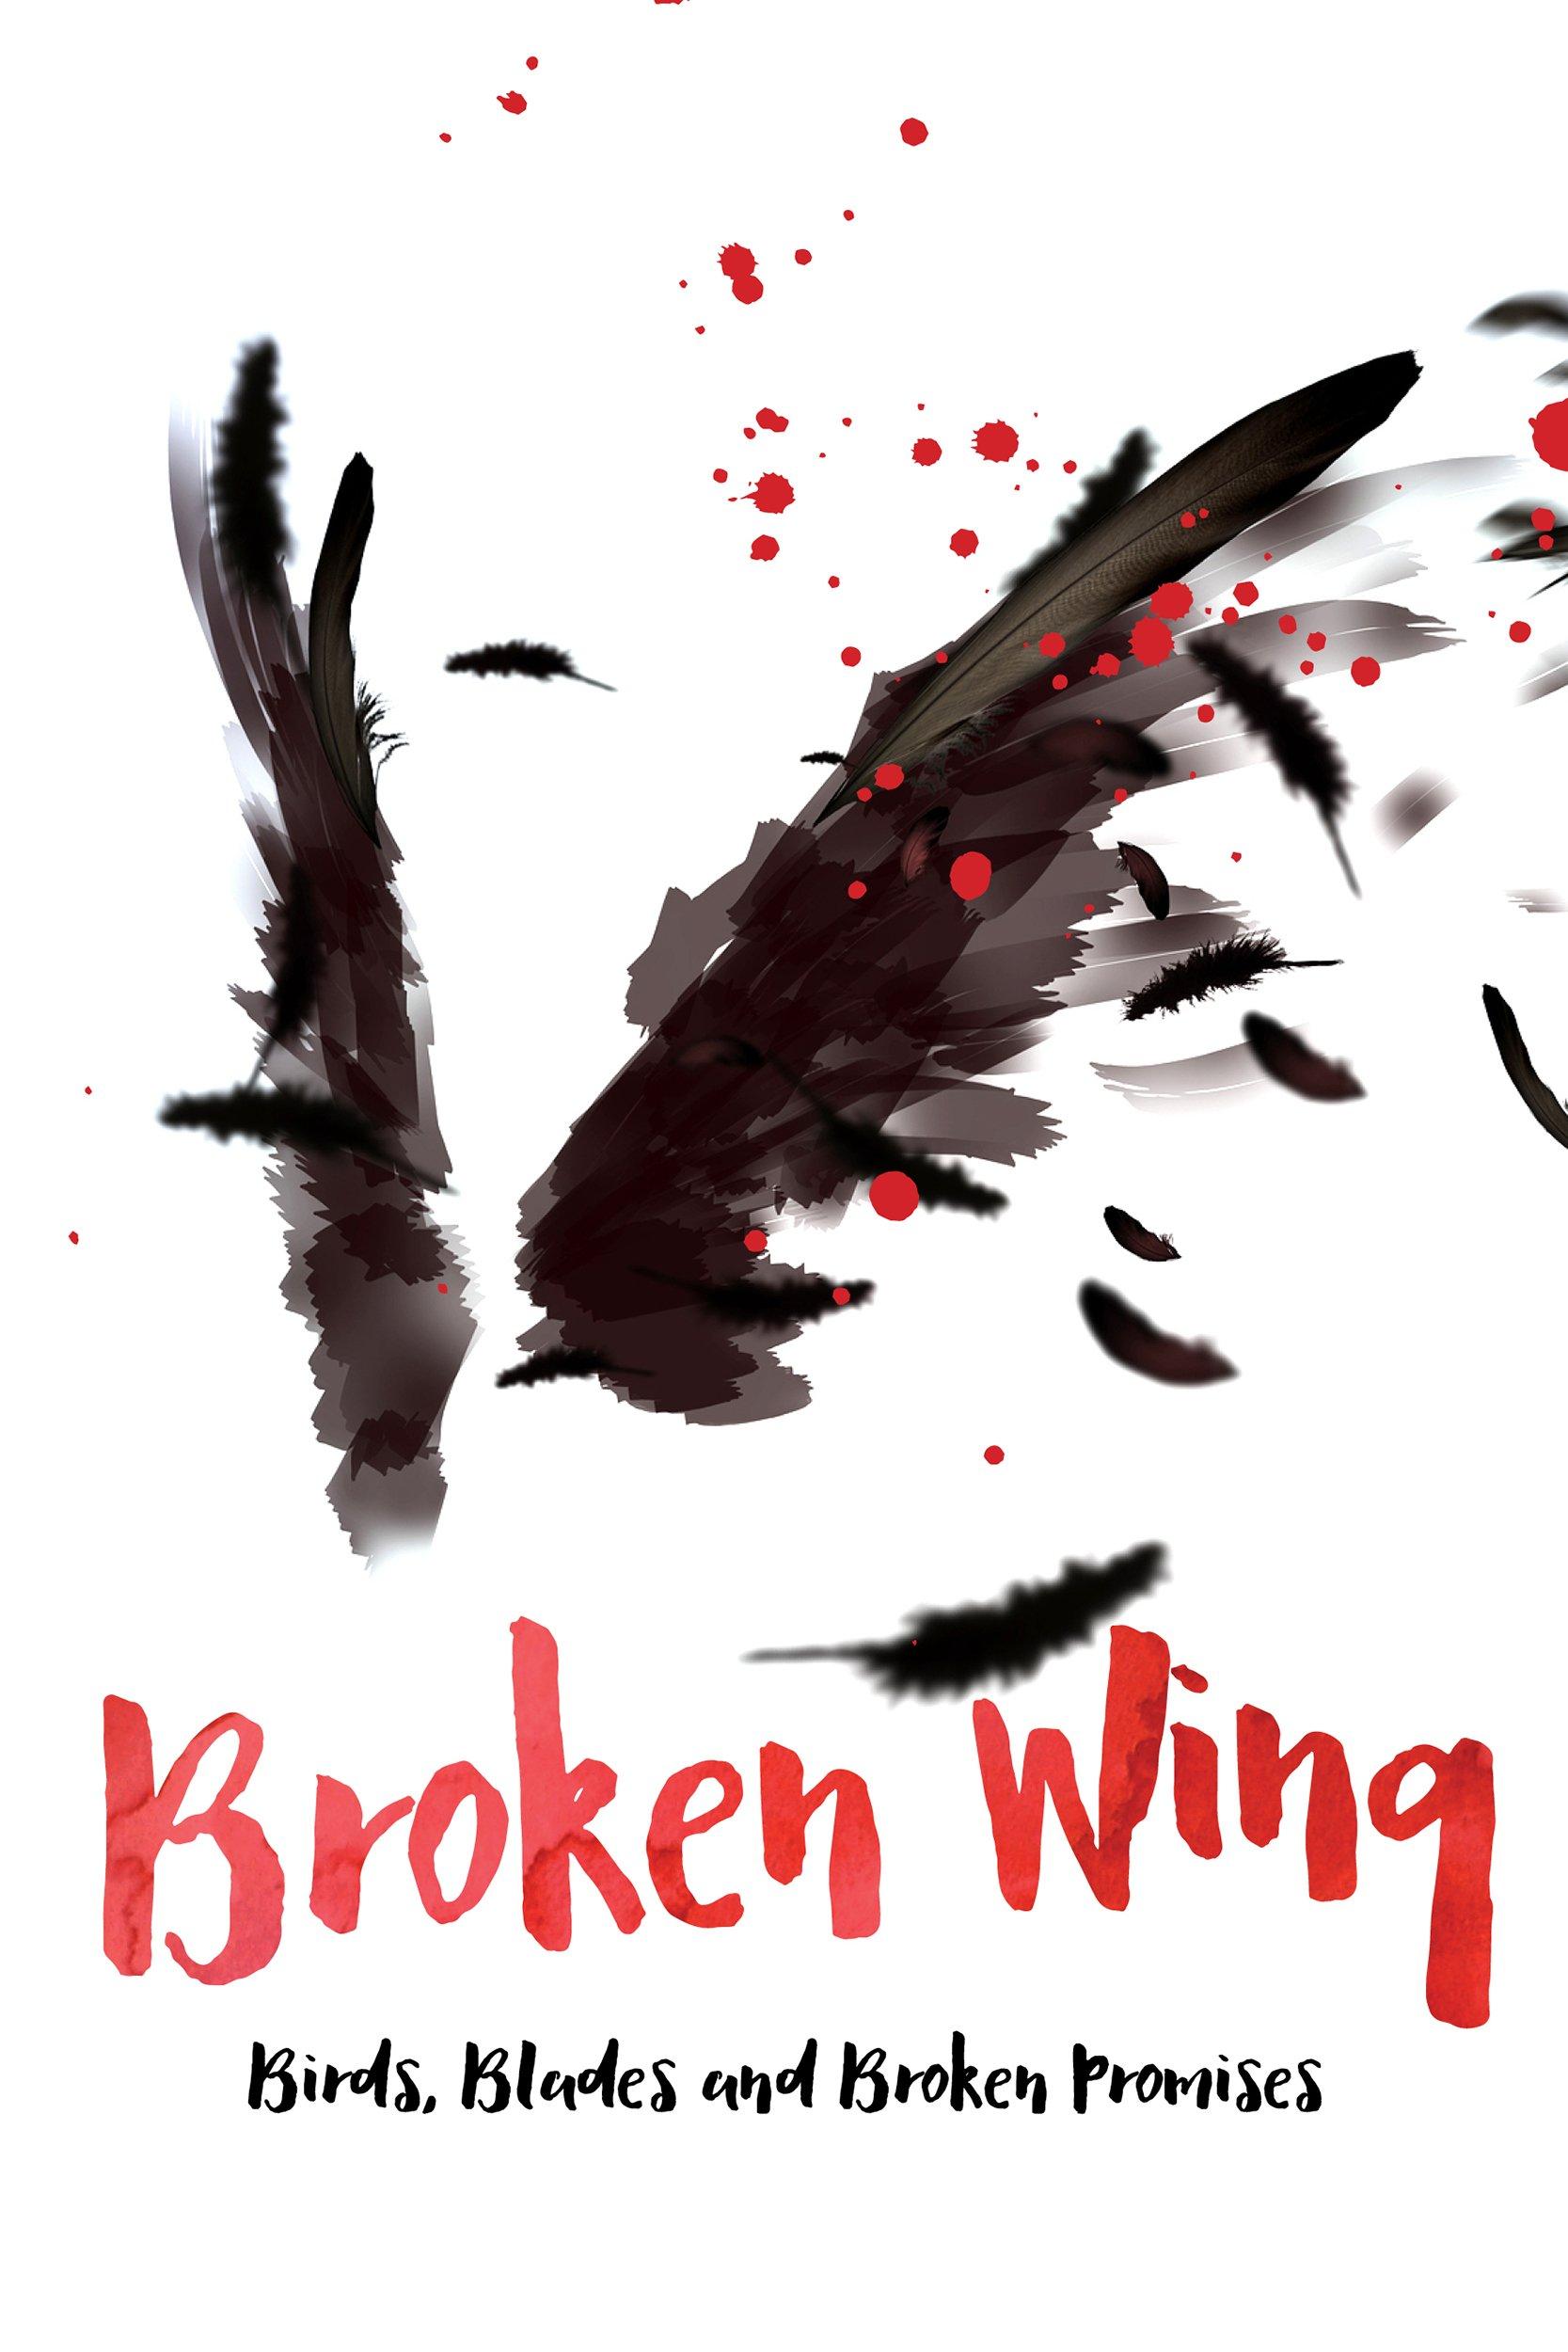 Broken Wing: Birds, Blades and Broken Promises